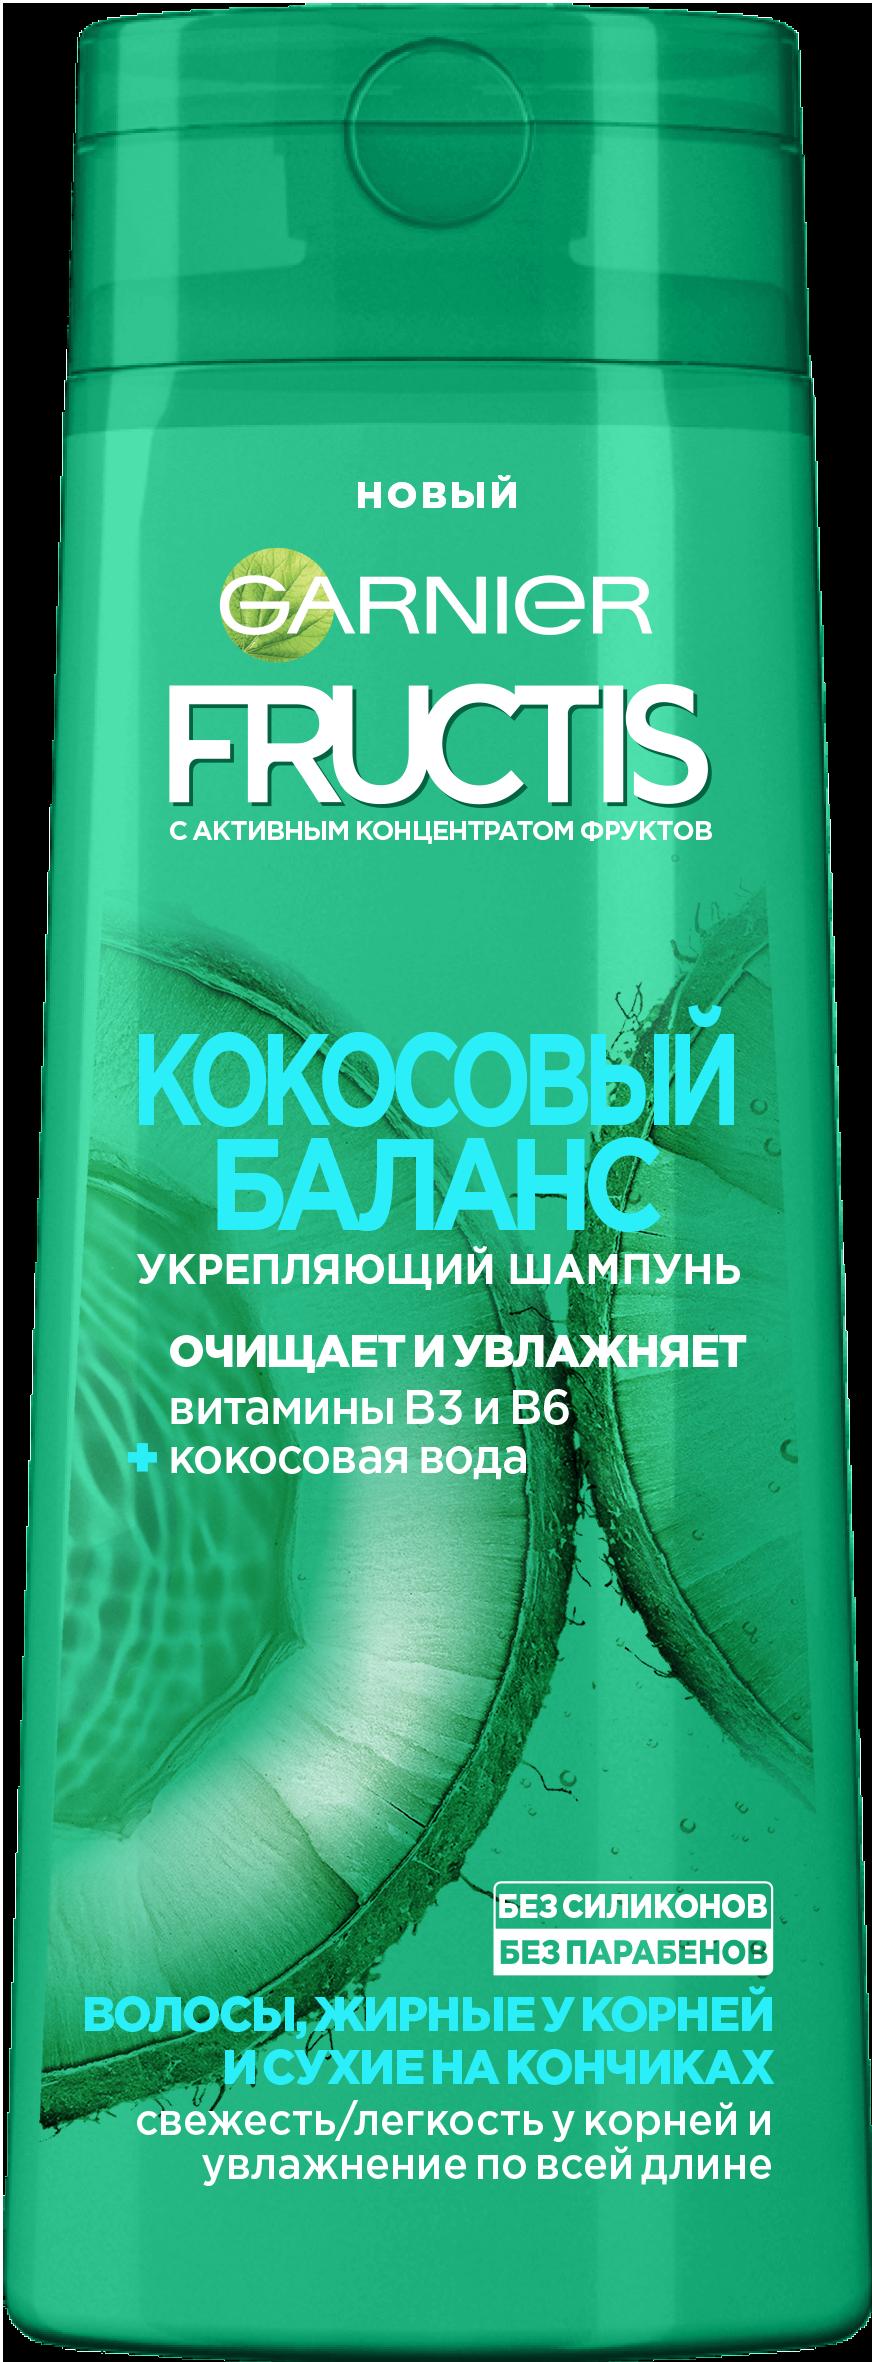 Шампунь Garnier Fructis Кокосовый баланс 250 мл